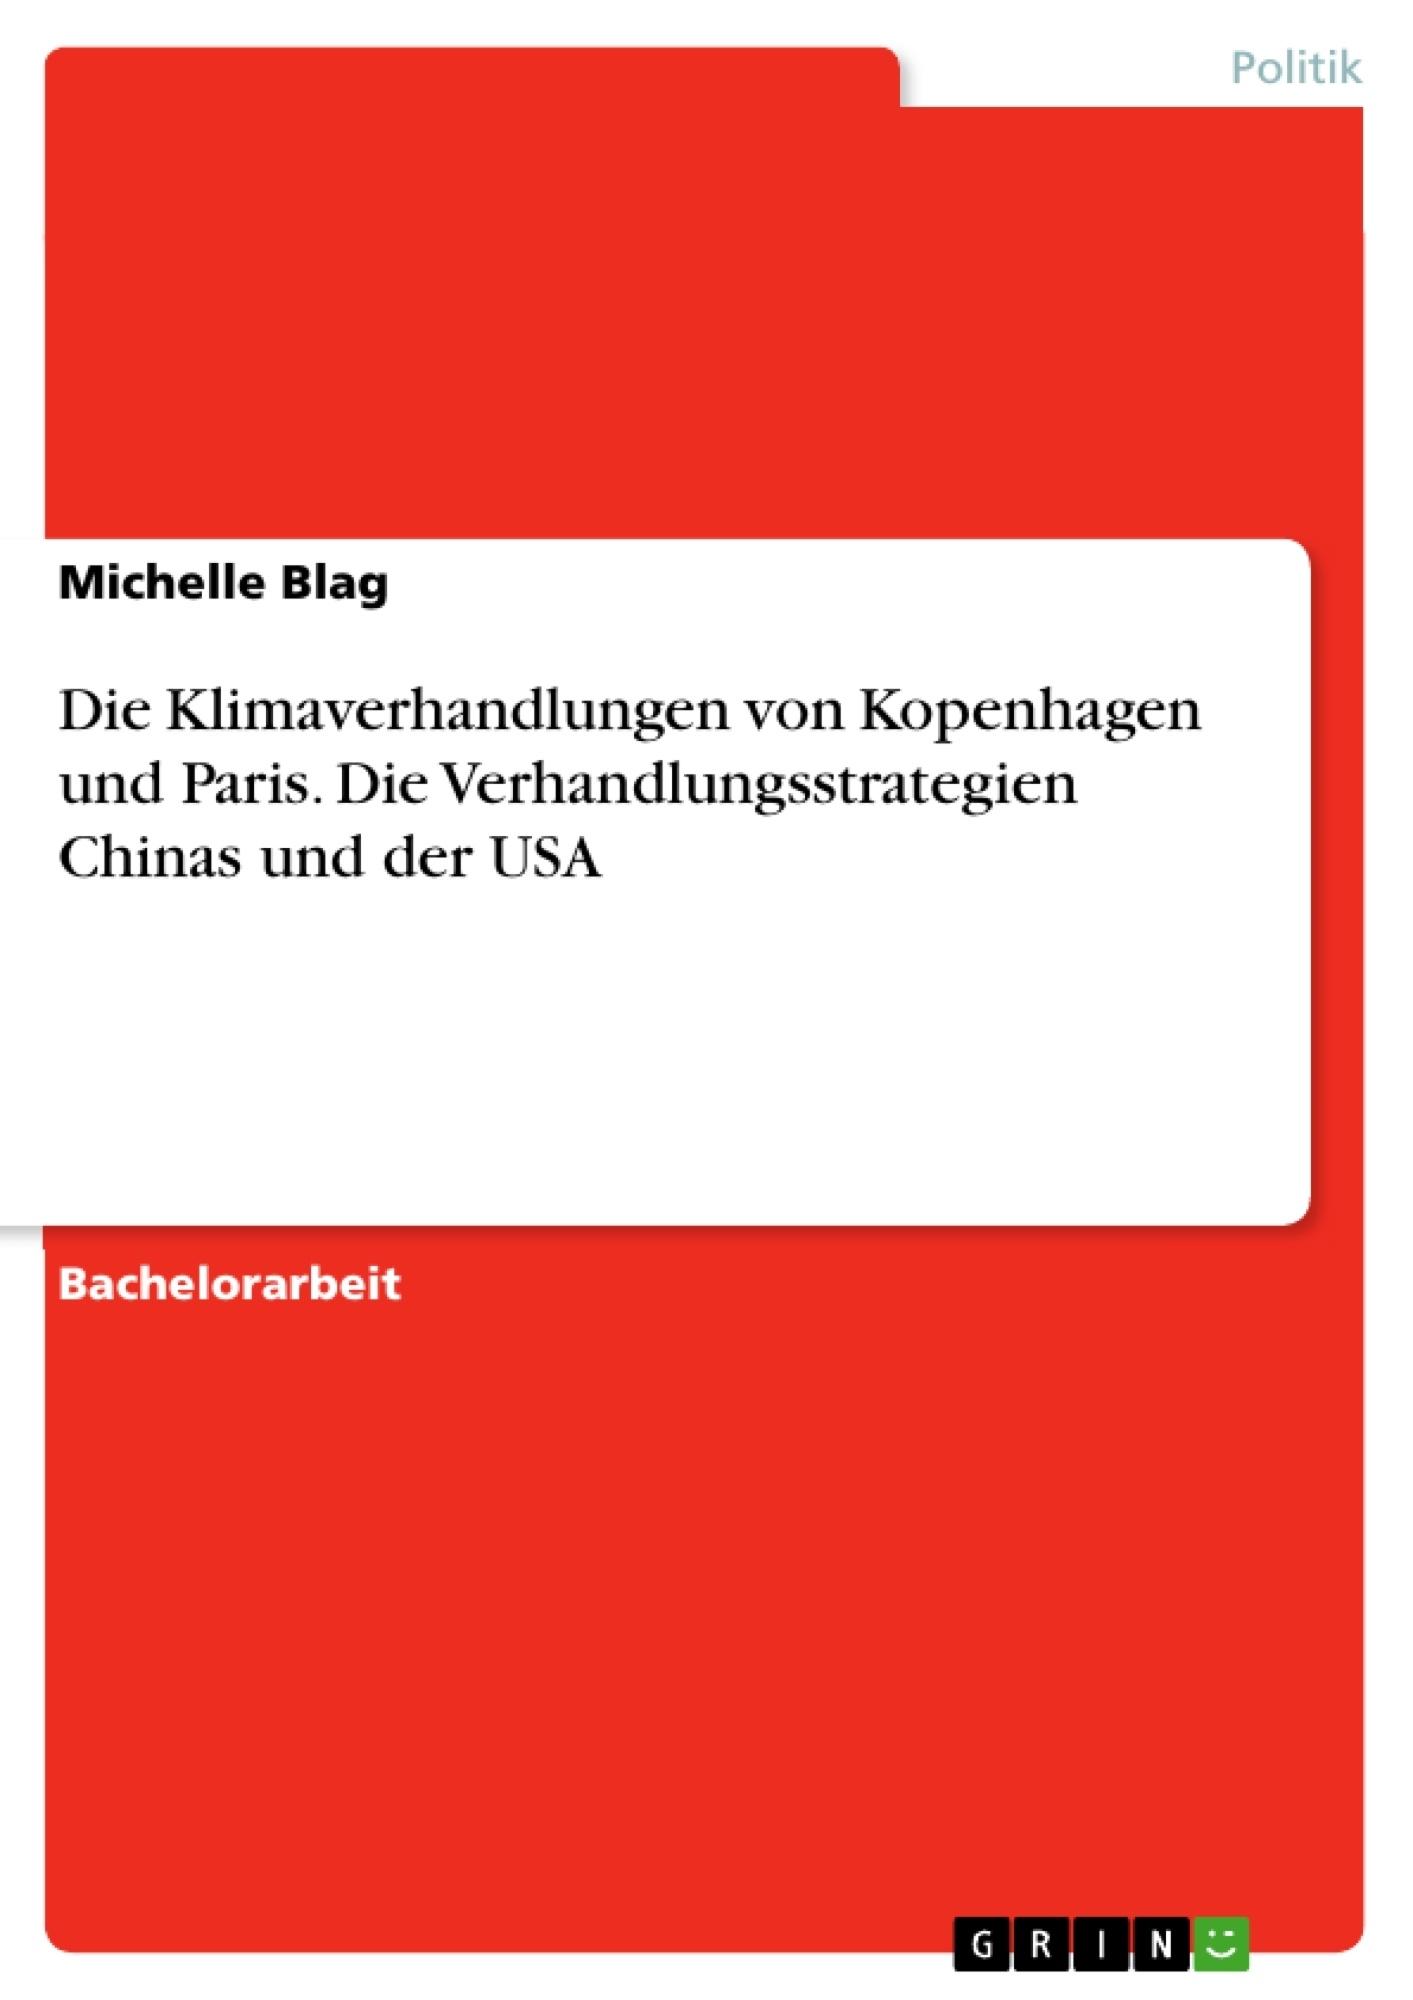 Titel: Die Klimaverhandlungen von Kopenhagen und Paris. Die Verhandlungsstrategien Chinas und der USA